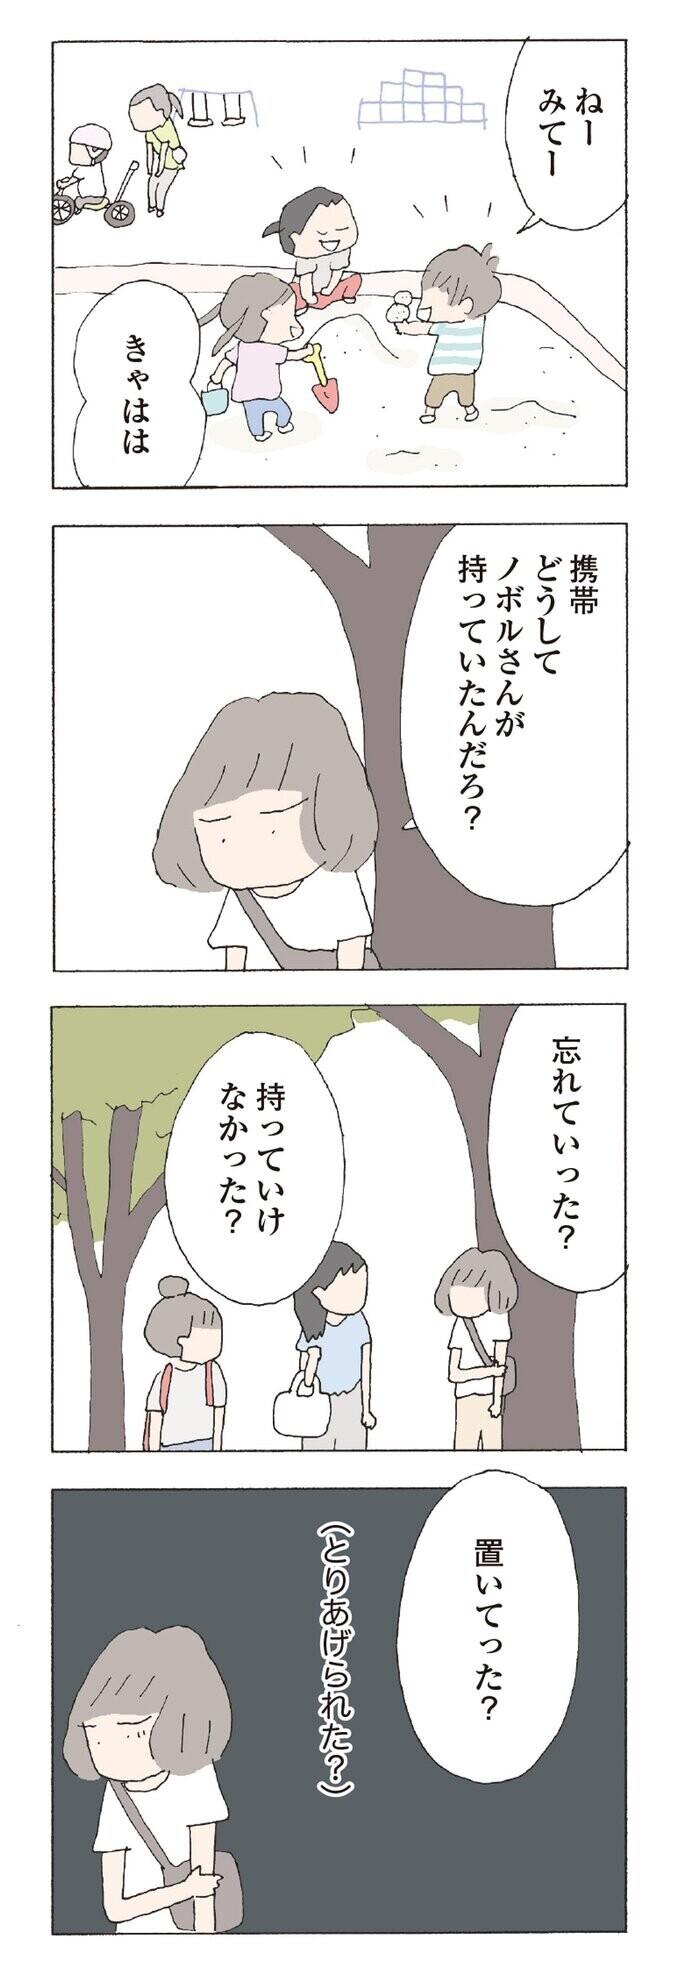 仲よしだからって、全部知ってるわけじゃない【消えたママ友 Vol.11】